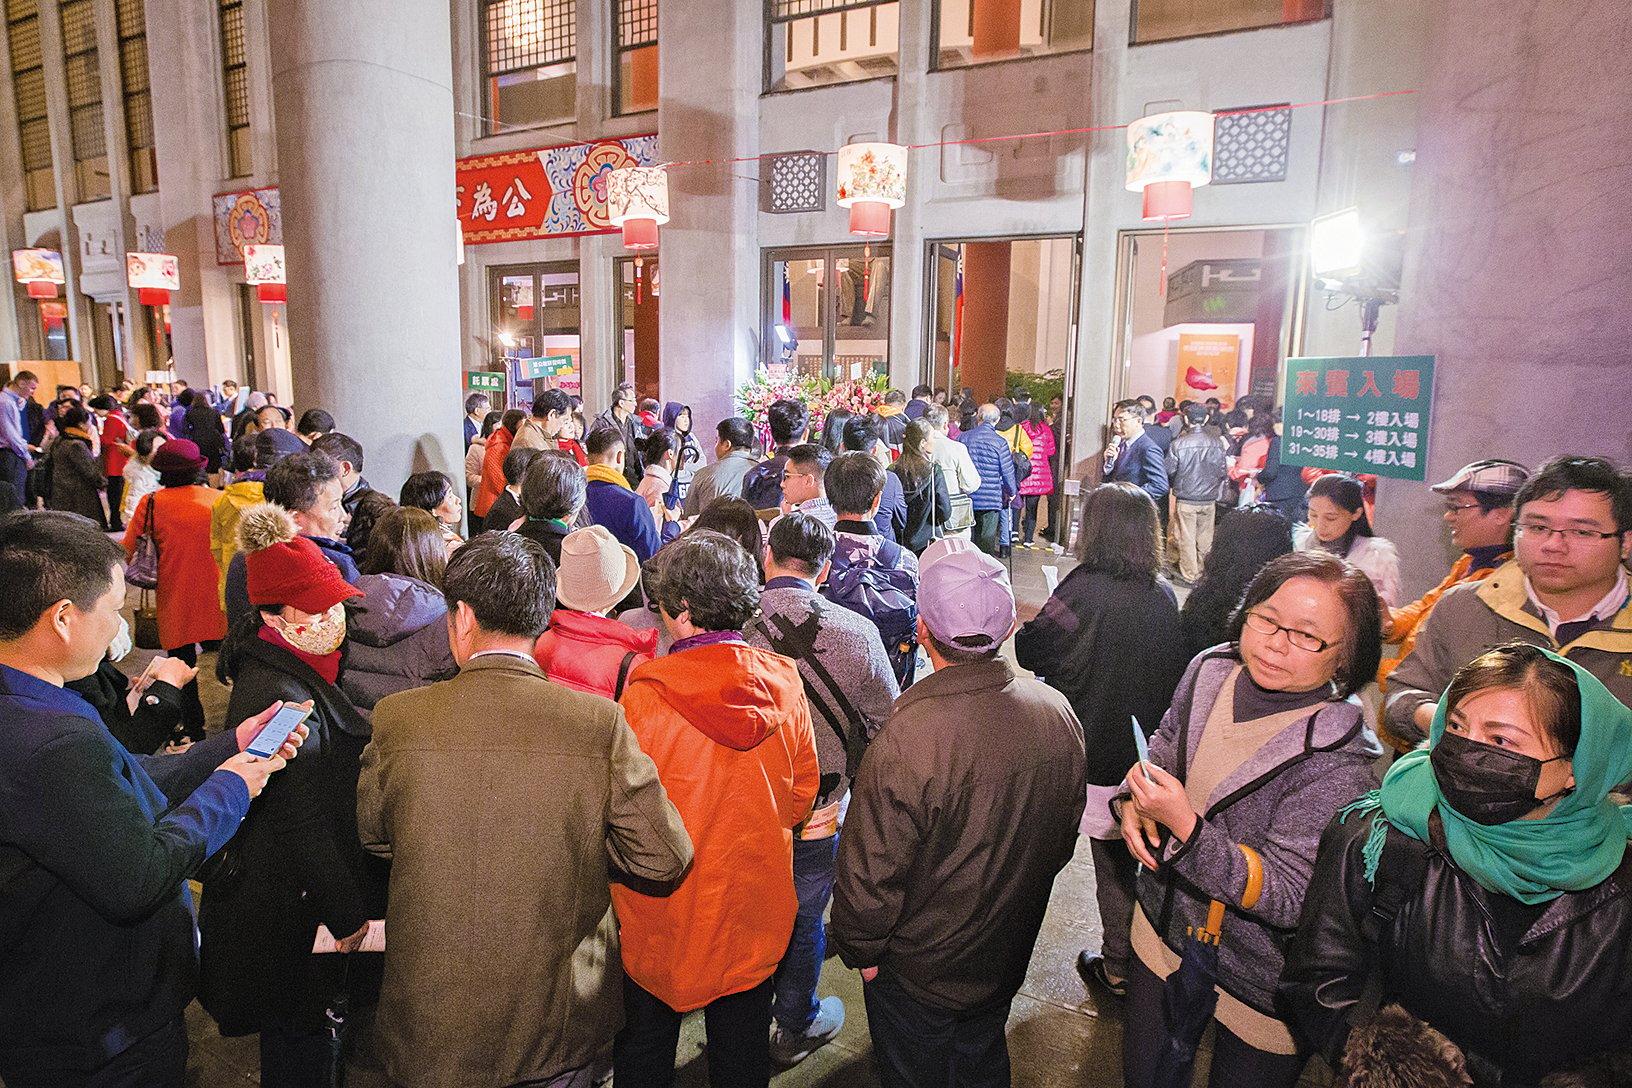 神韻國際藝術團22日晚間在台北國父紀念館舉行台灣首場演出,全場大爆滿,票房提前預購一空。圖為觀眾排隊入場的盛況。(陳柏州/大紀元)